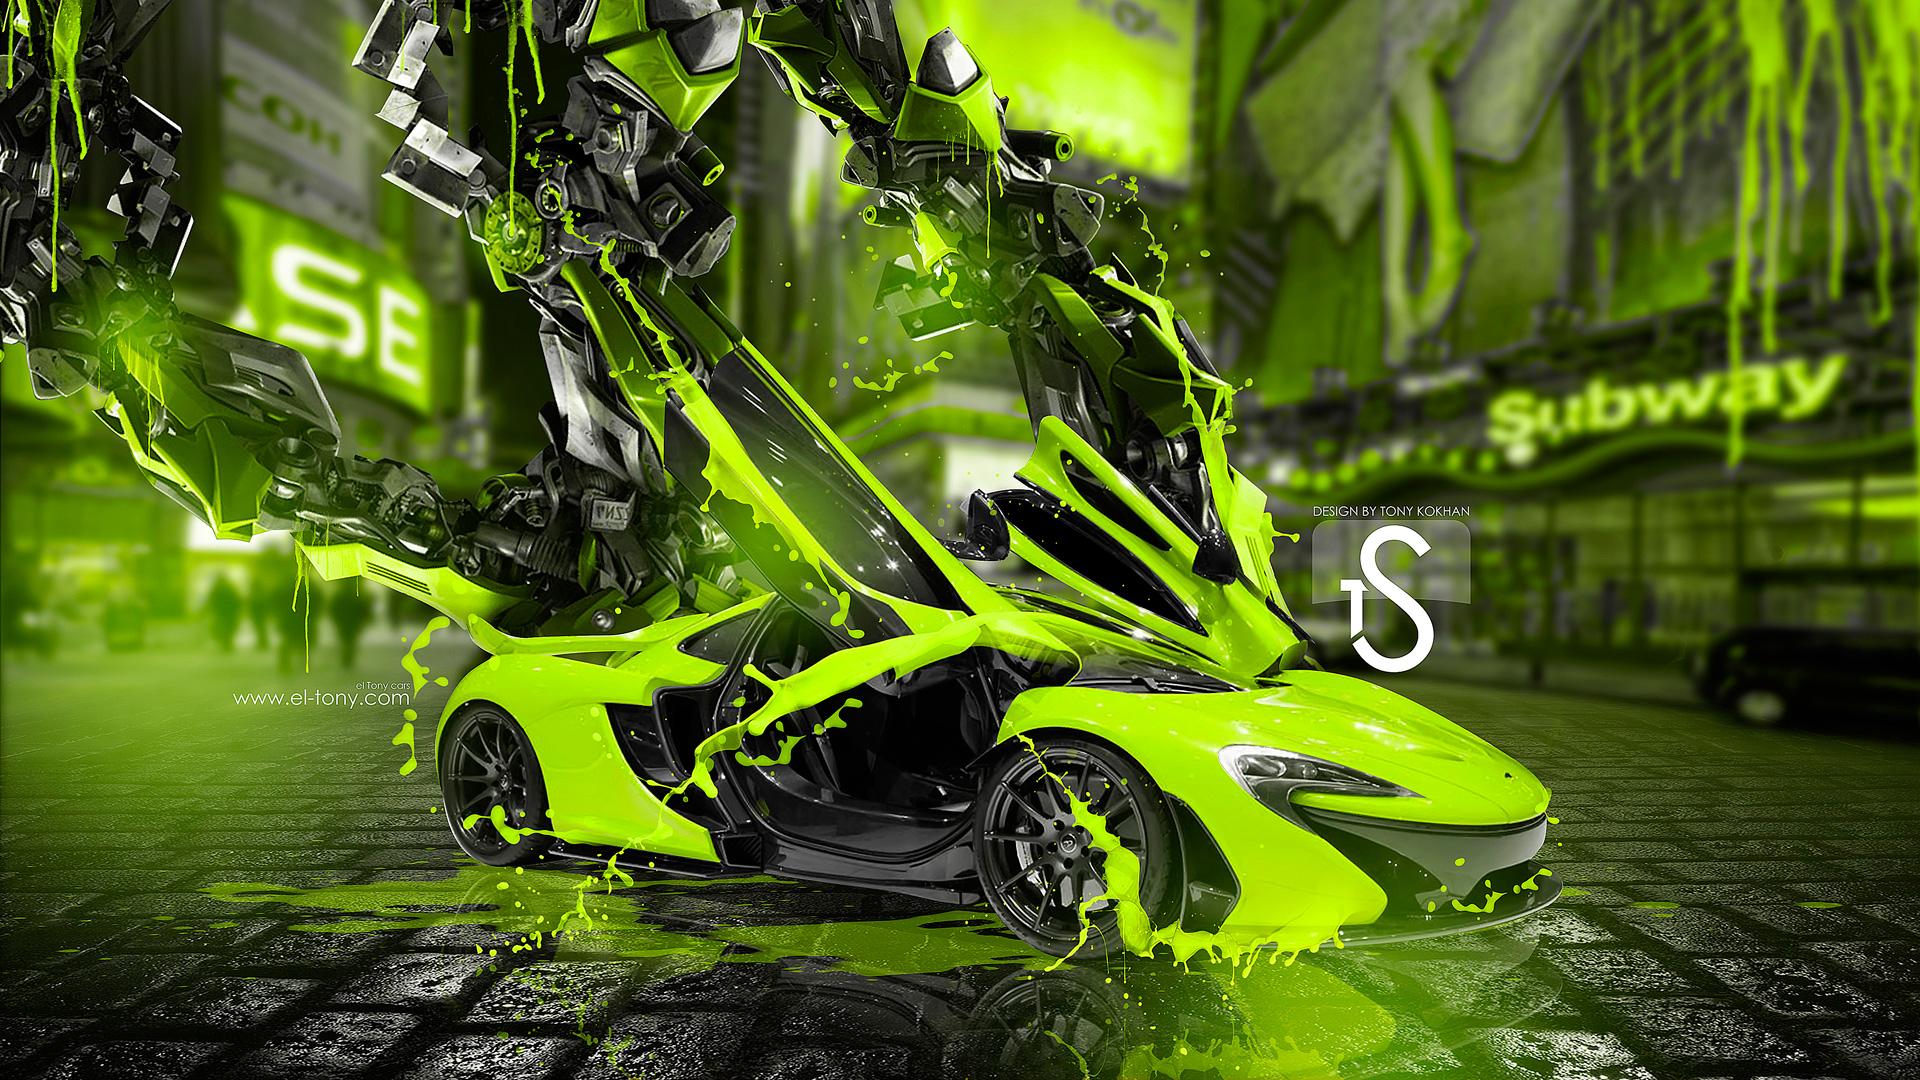 mclaren p1 fantasy super plastic transformer city car 2015 mclaren p1 1920x1080